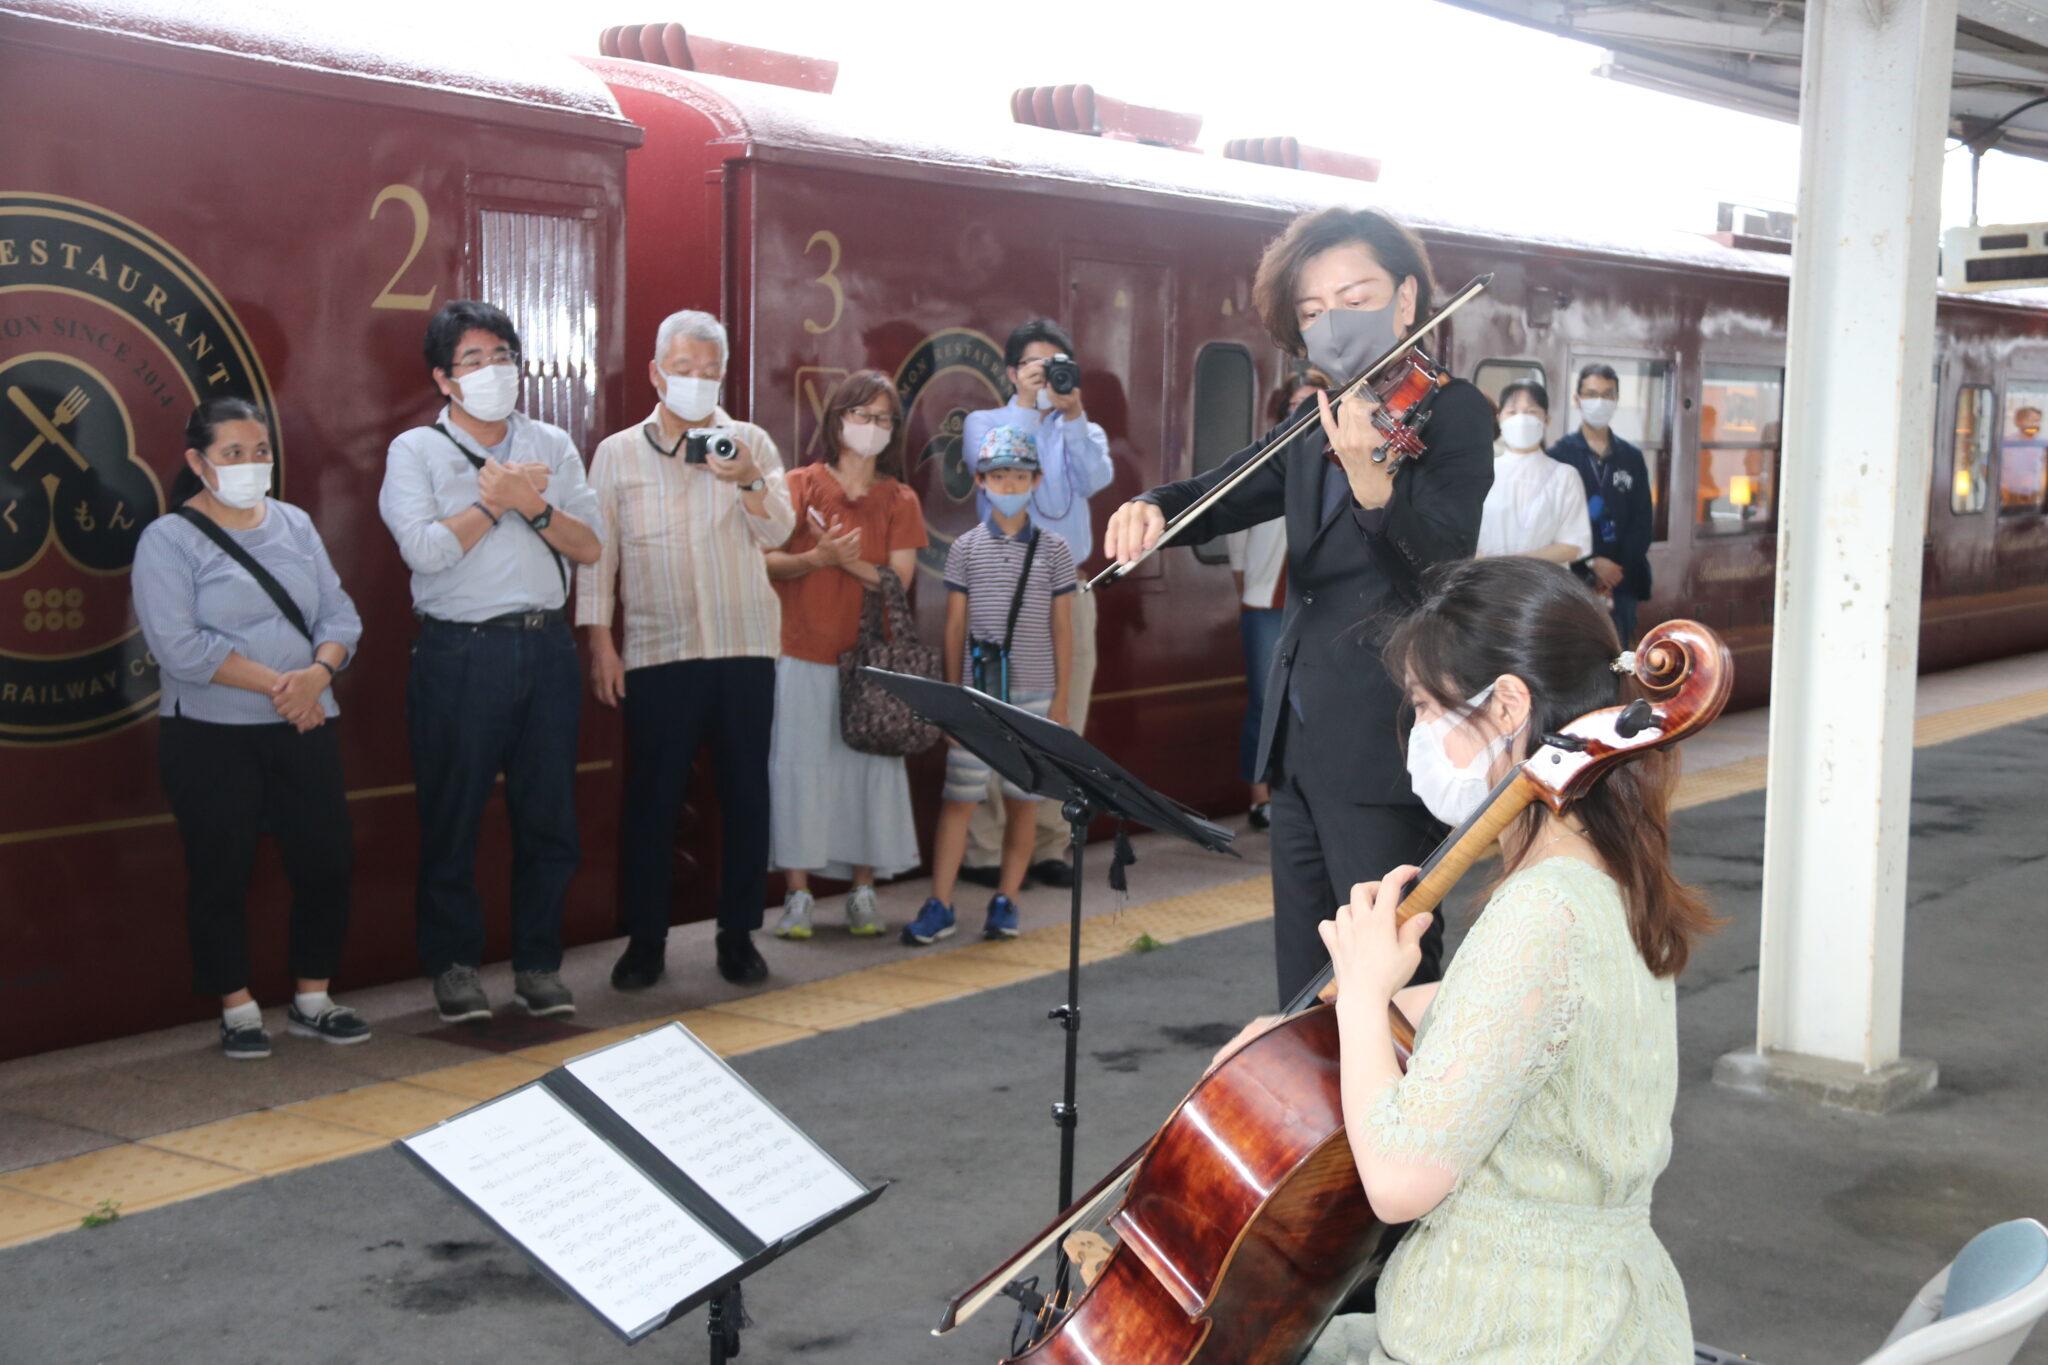 弦楽器が彩る観光列車の旅 しなの鉄道「ろくもん」7周年